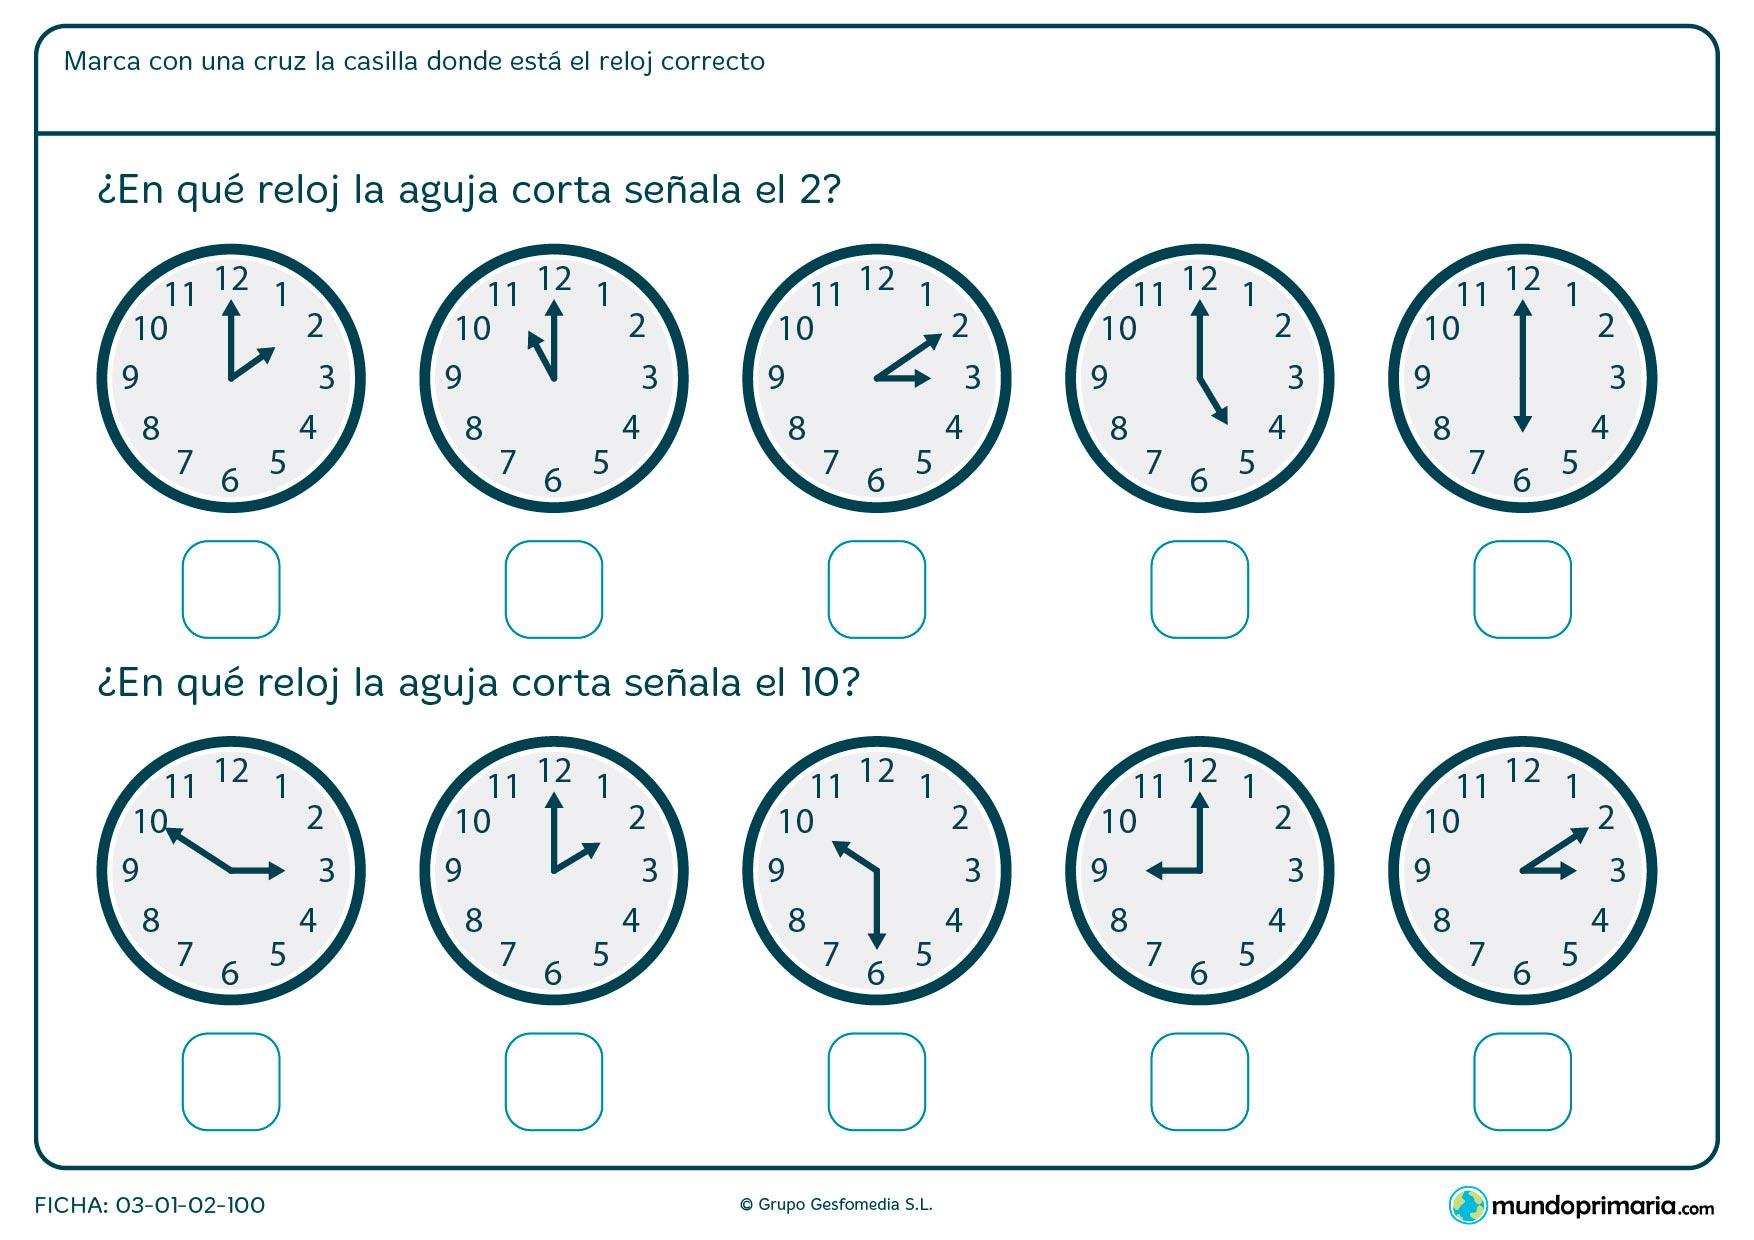 Ficha de aguja corta analógico para decir en qué reloj son las 2 en punto y en cuál las 10 en punto.